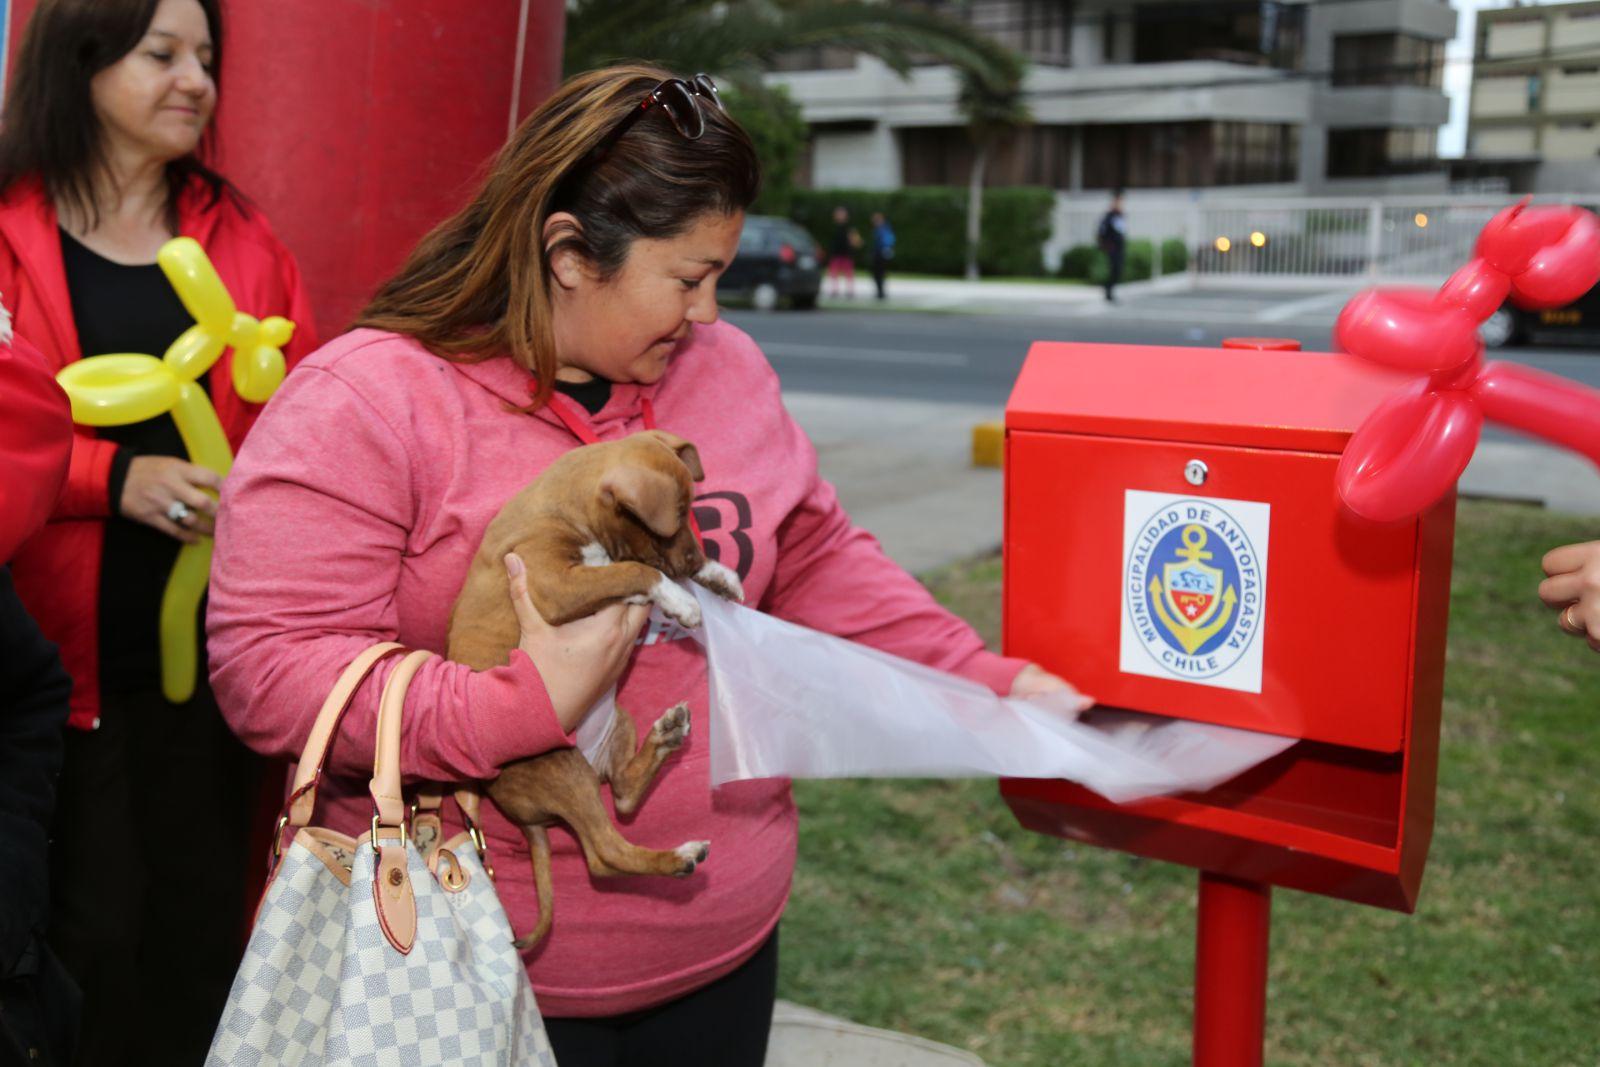 antofagasta-cuenta-con-los-primeros-dispensadores-de-bolsas-de-basura-para-desechos-de-perros